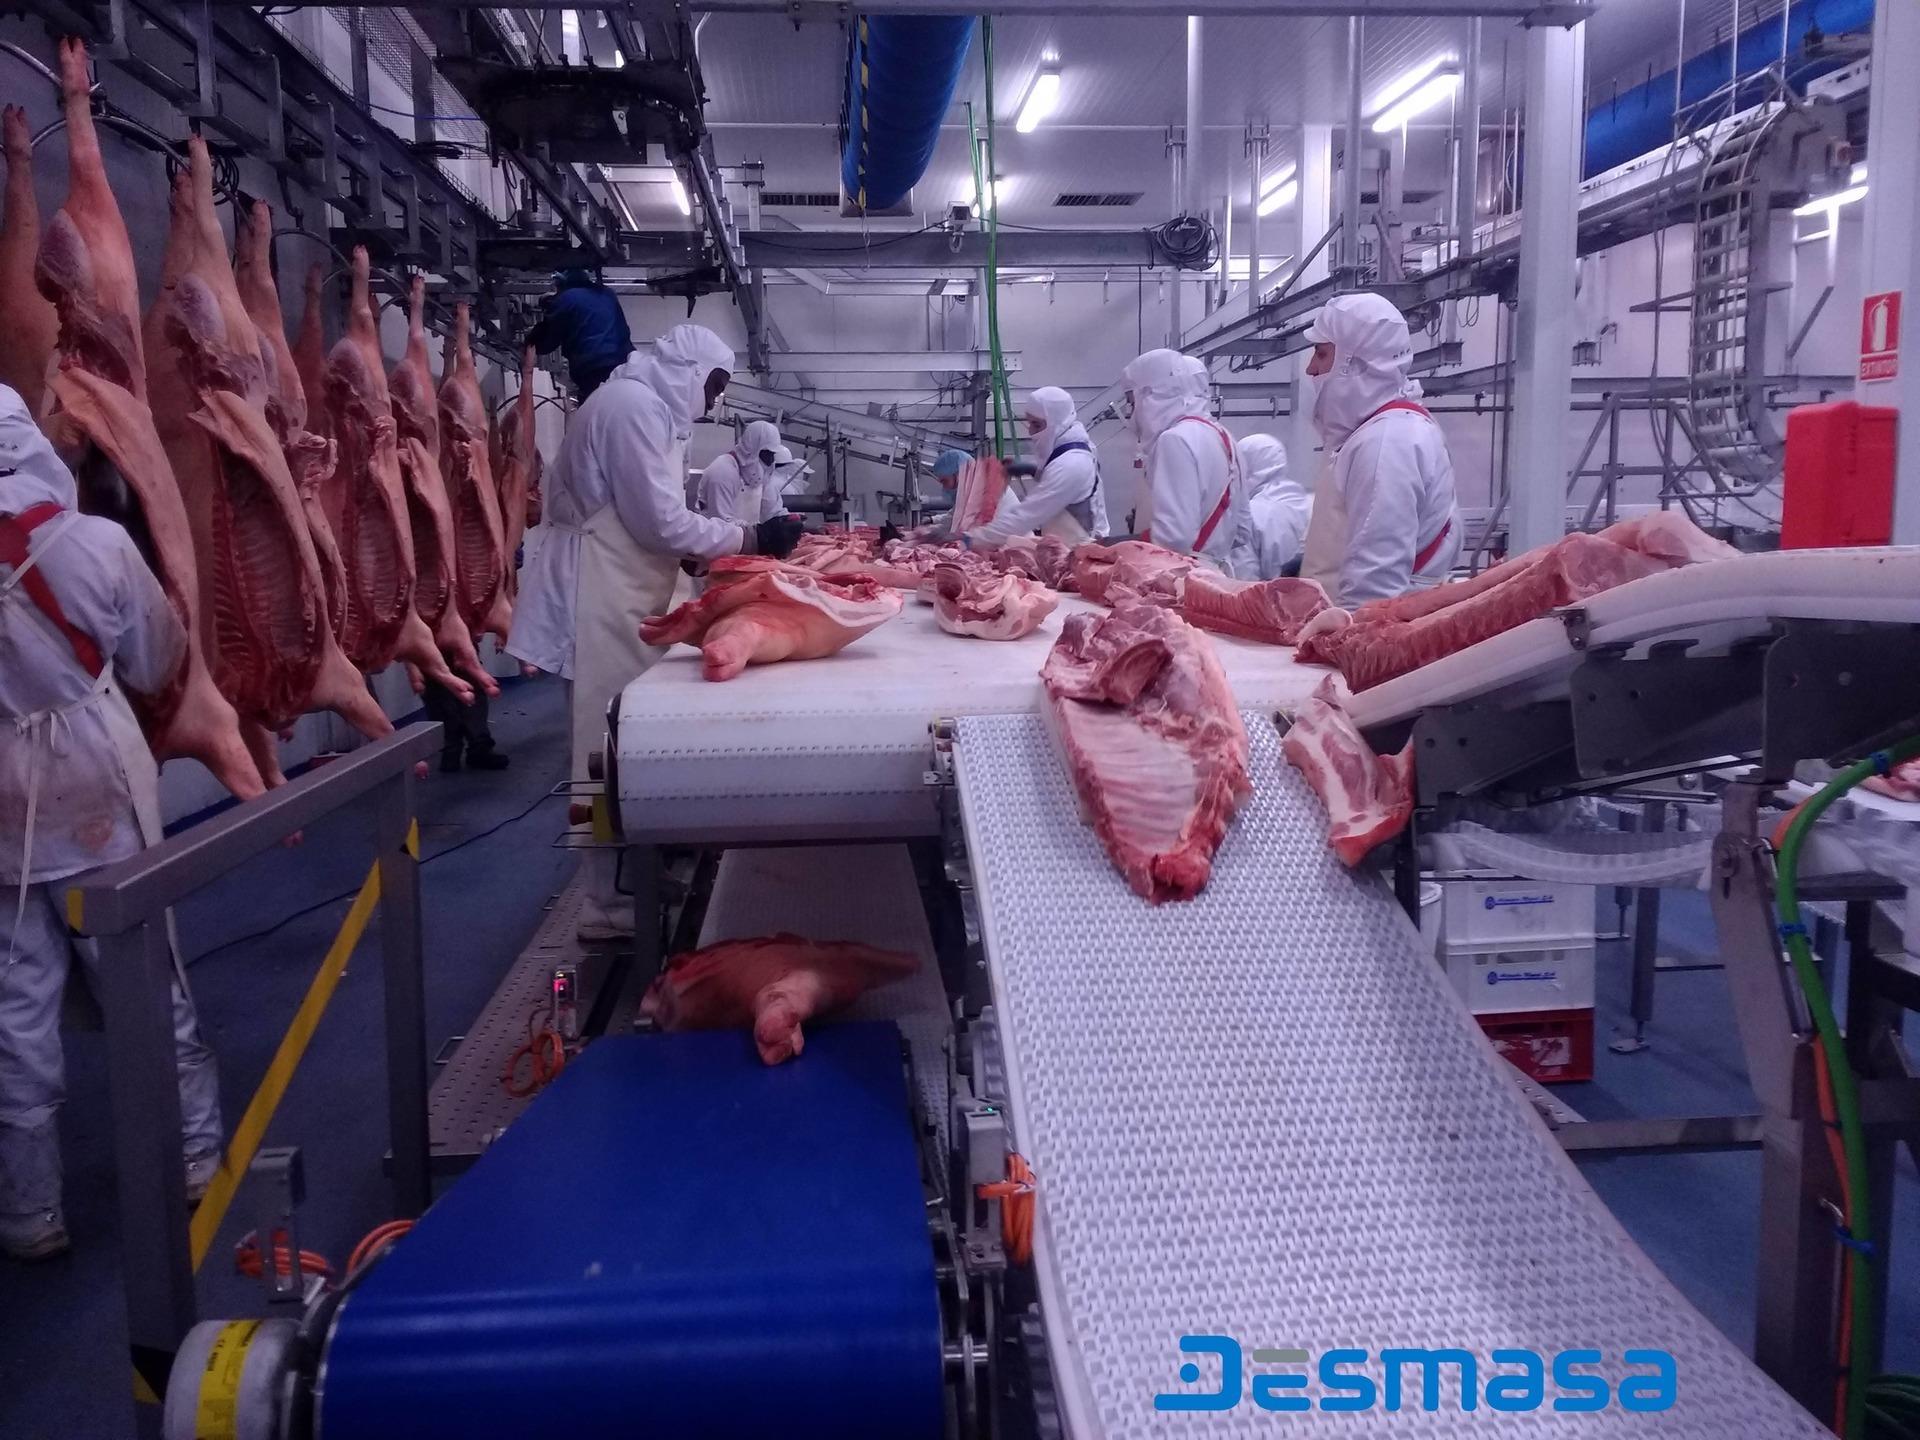 Línea de manipulación y procesado de alimentos